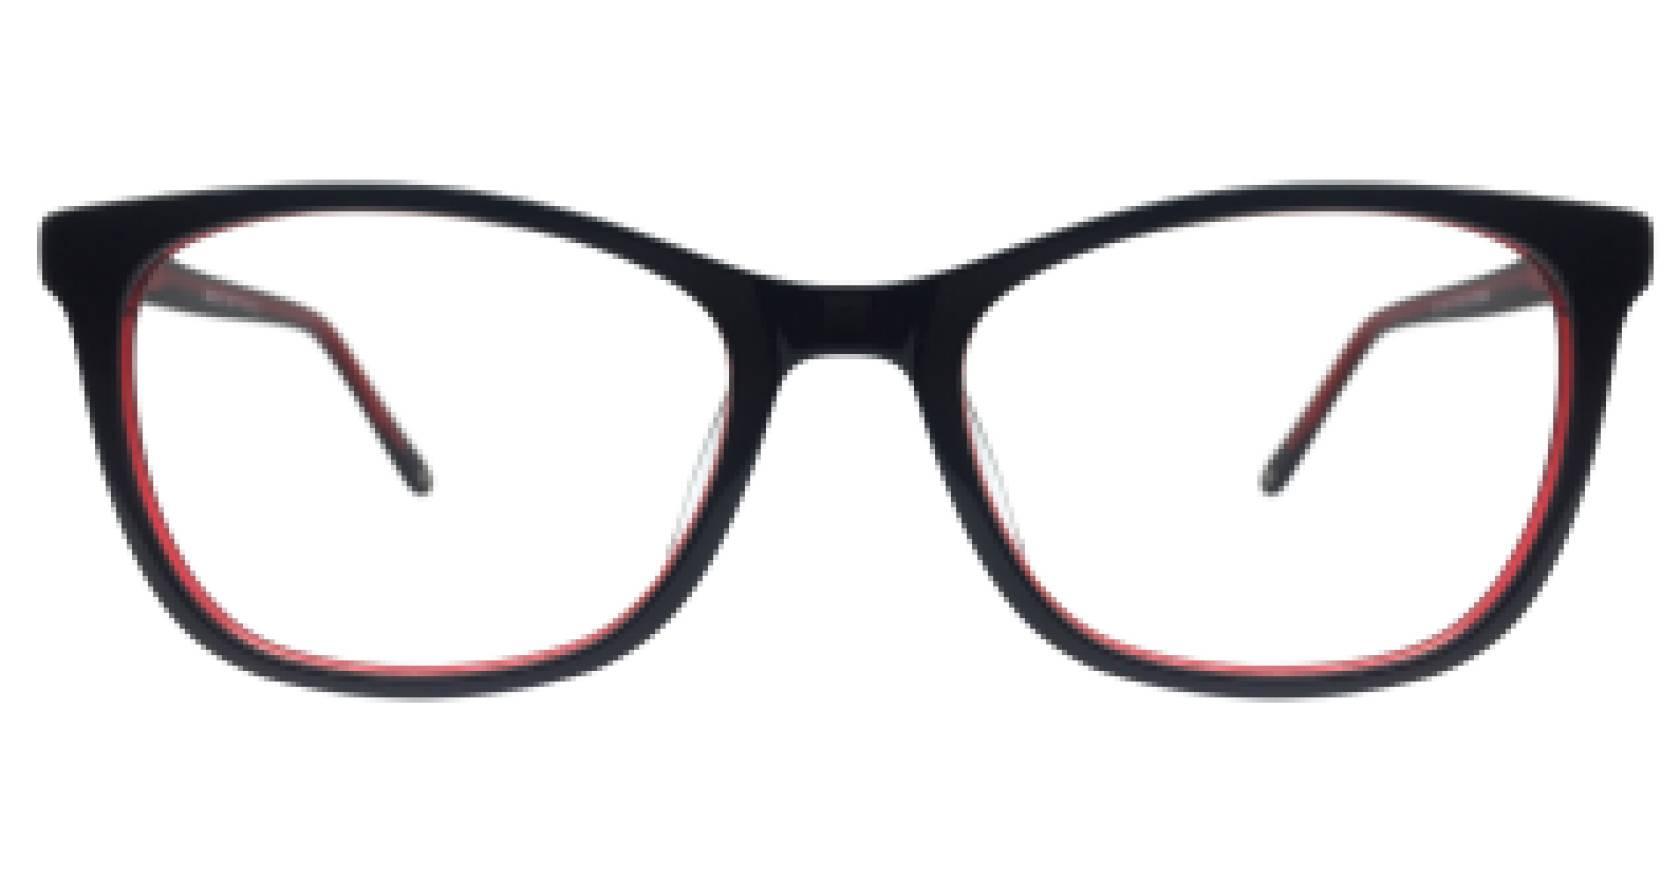 imagen miniatura frontal de la referencia 1001127